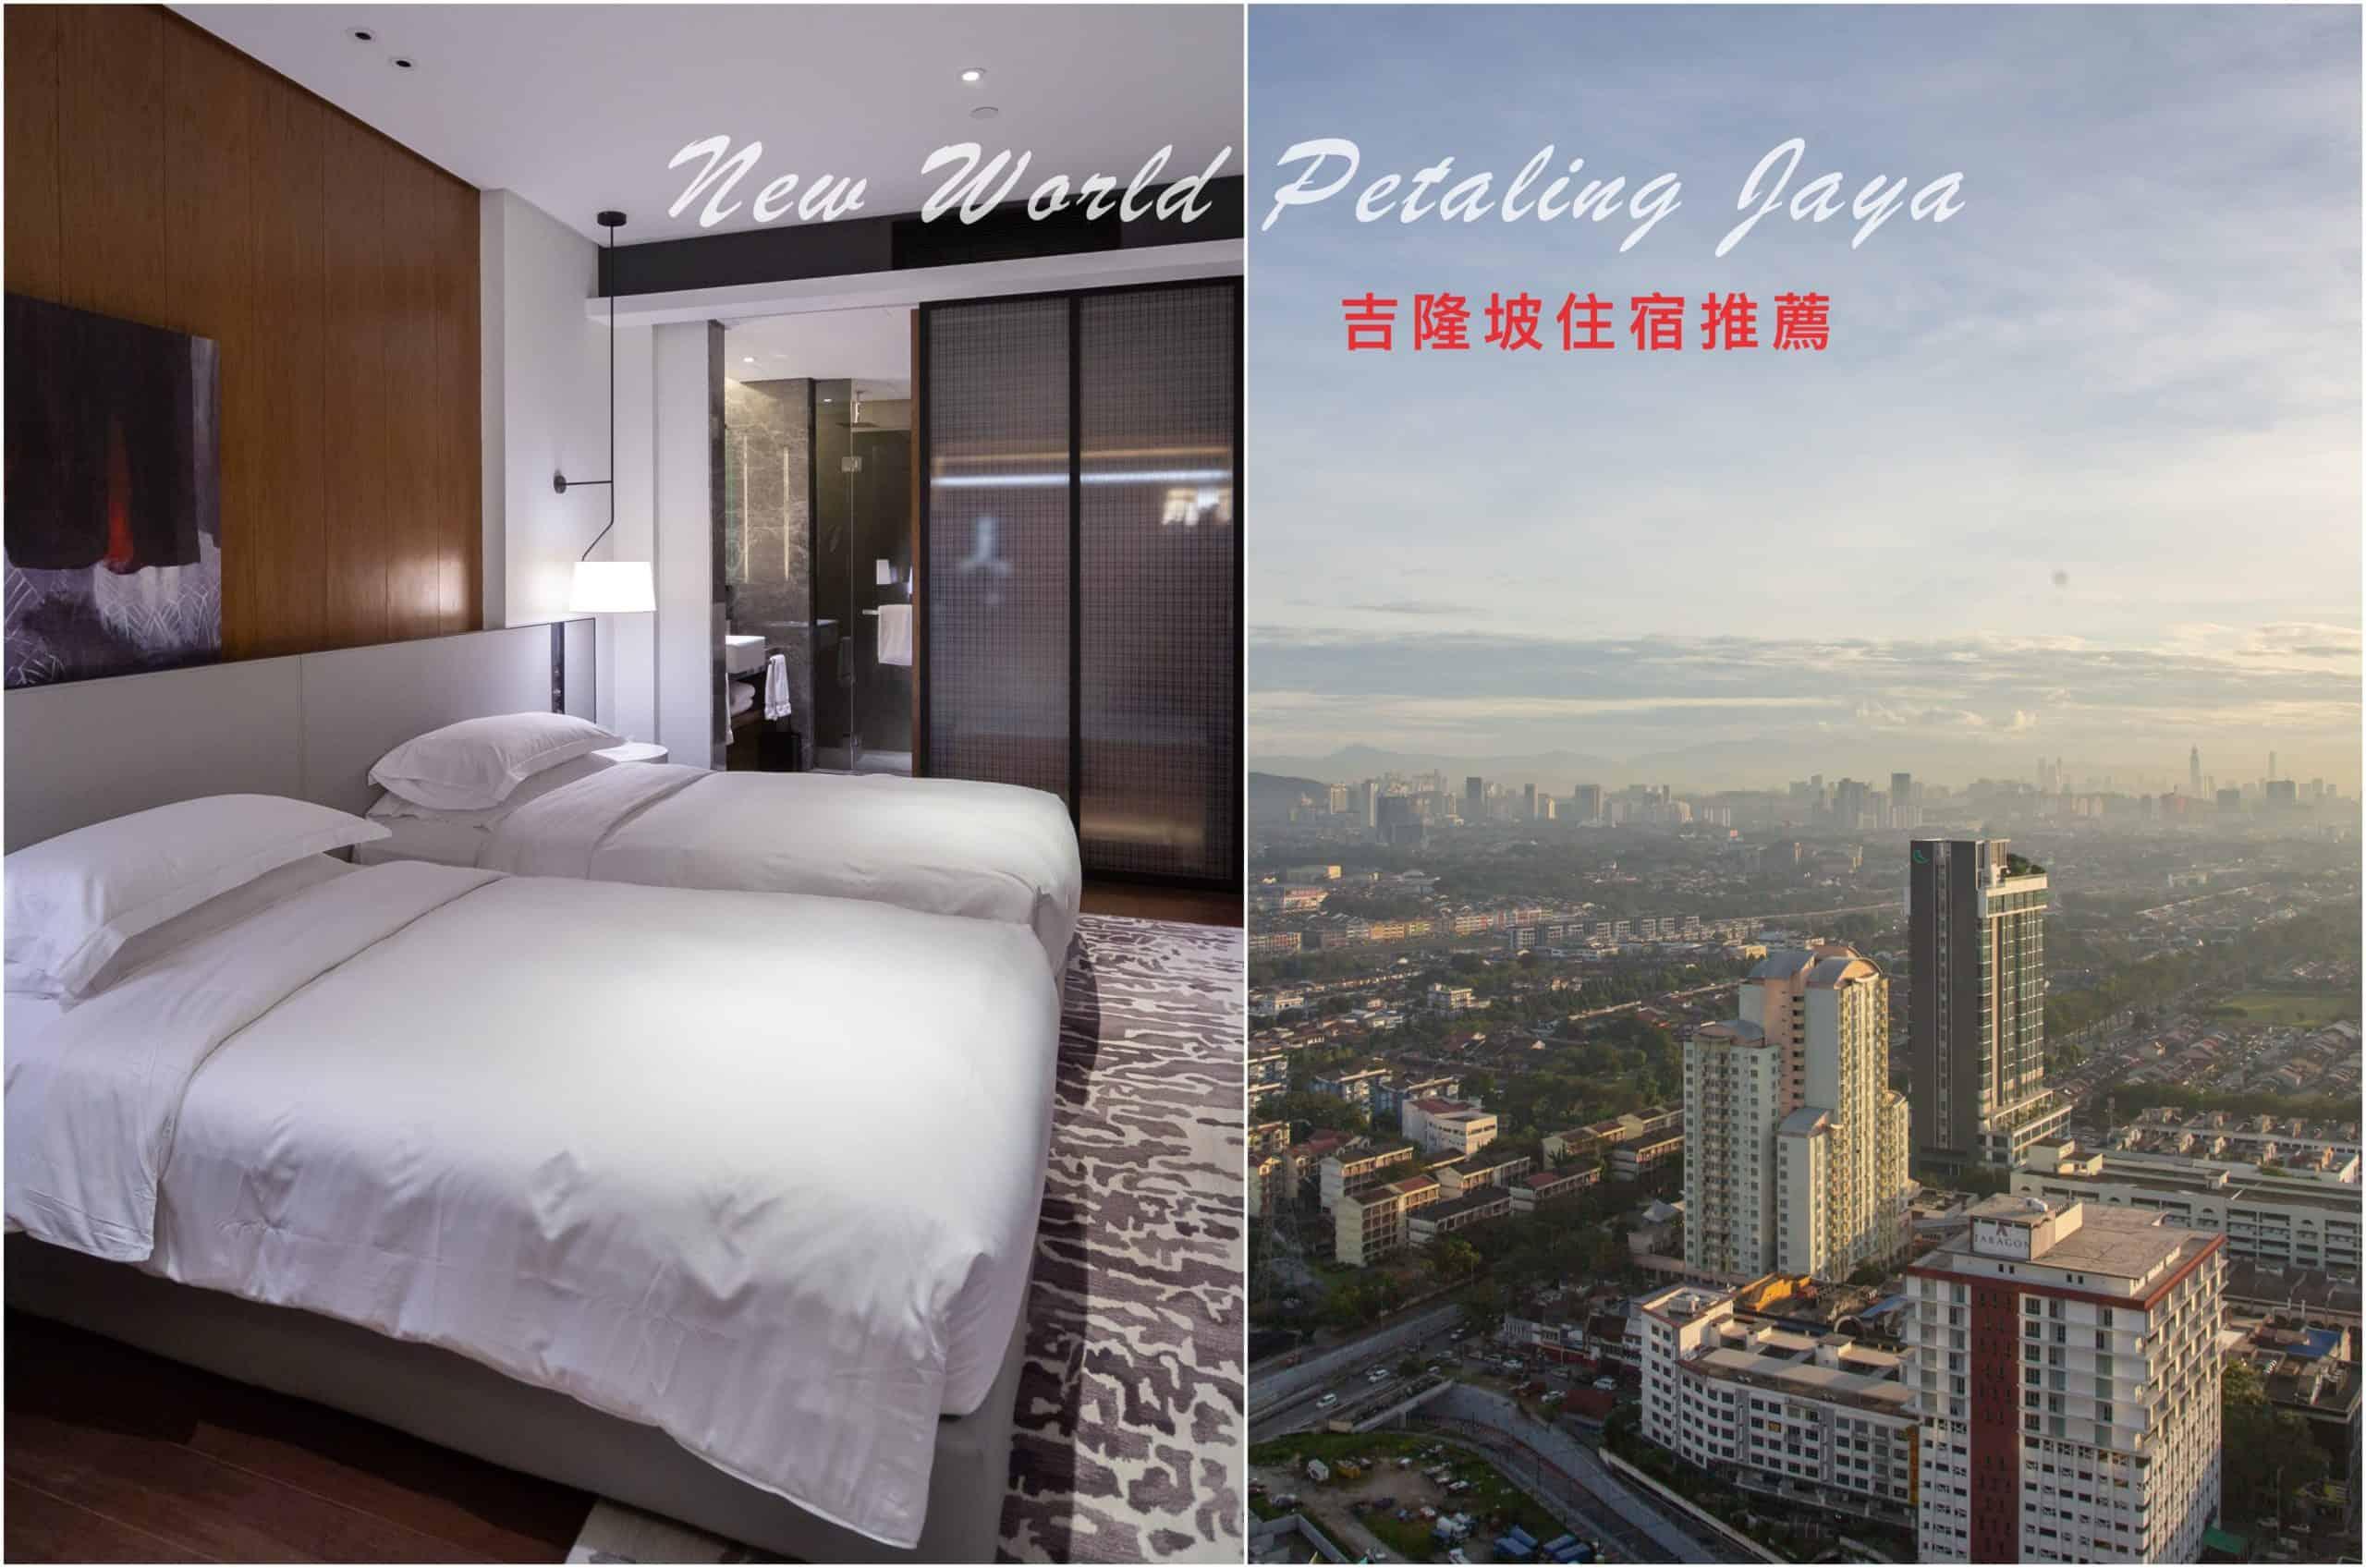 吉隆坡住宿推薦、New World Petaling Jaya 八打靈新世界酒店|頂樓泳池盡攬吉隆坡全景,樓下購物中心超方便